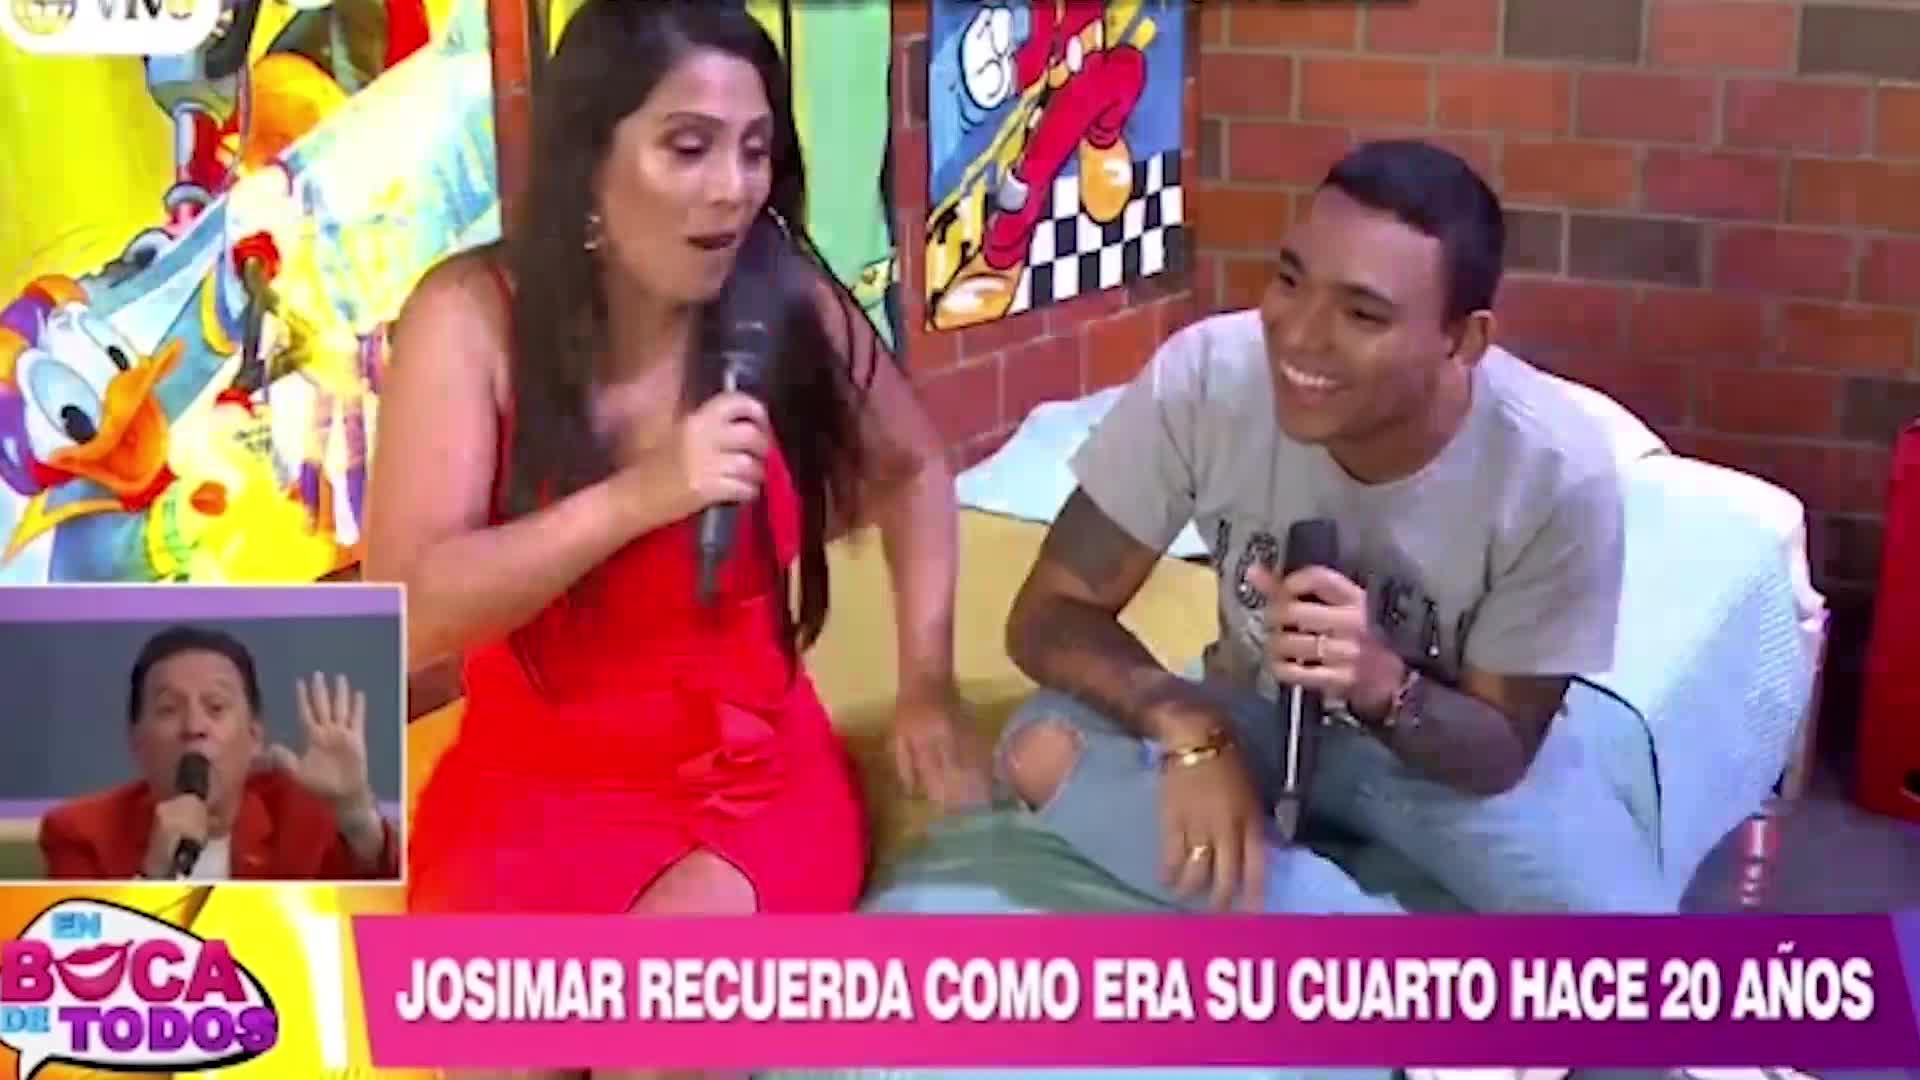 Josimar confesó que tenía un póster de Tula Rodríguez en su habitación